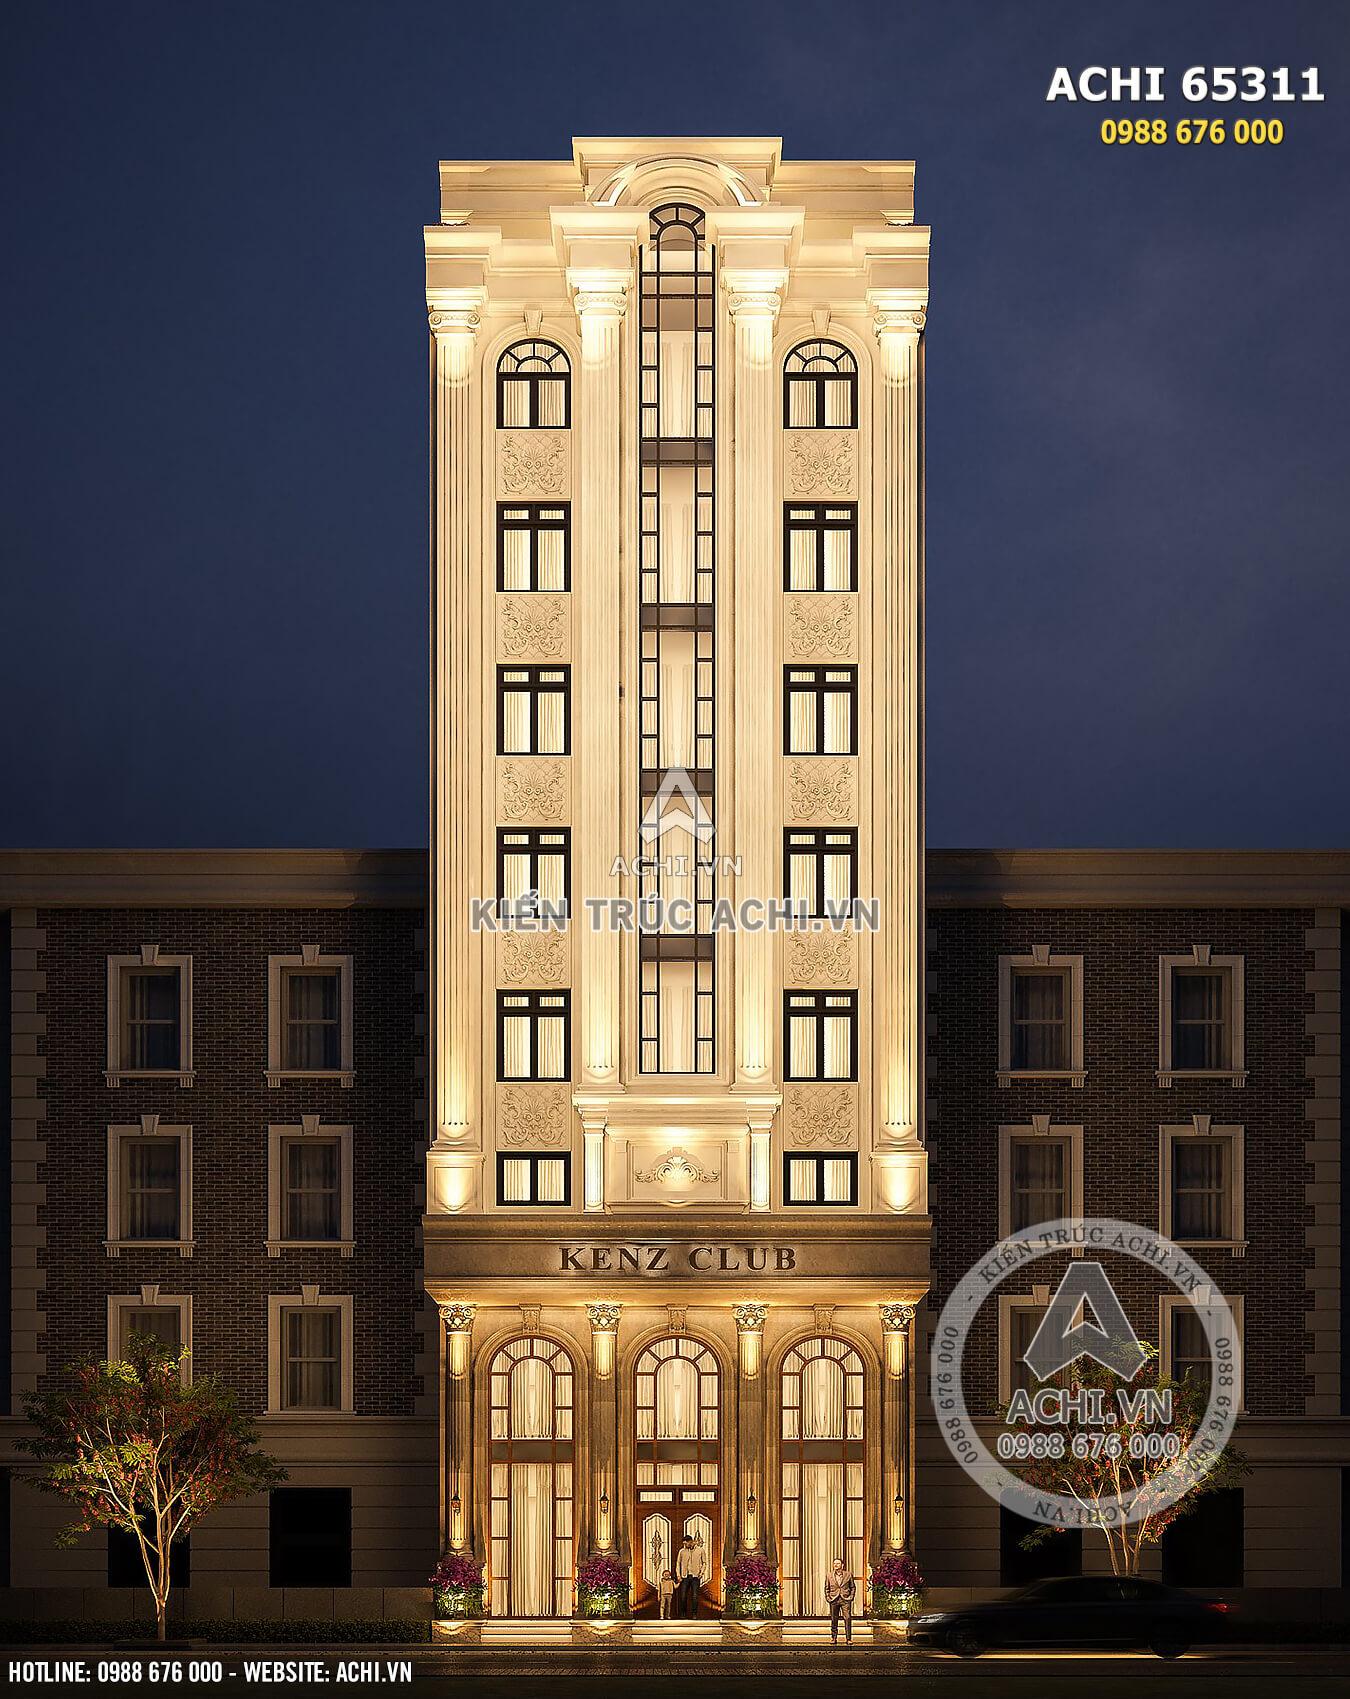 Toàn cảnh không gian mặt tiền mẫu thiết kế tòa nhà kinh doanh kiến trúc tân cổ điển